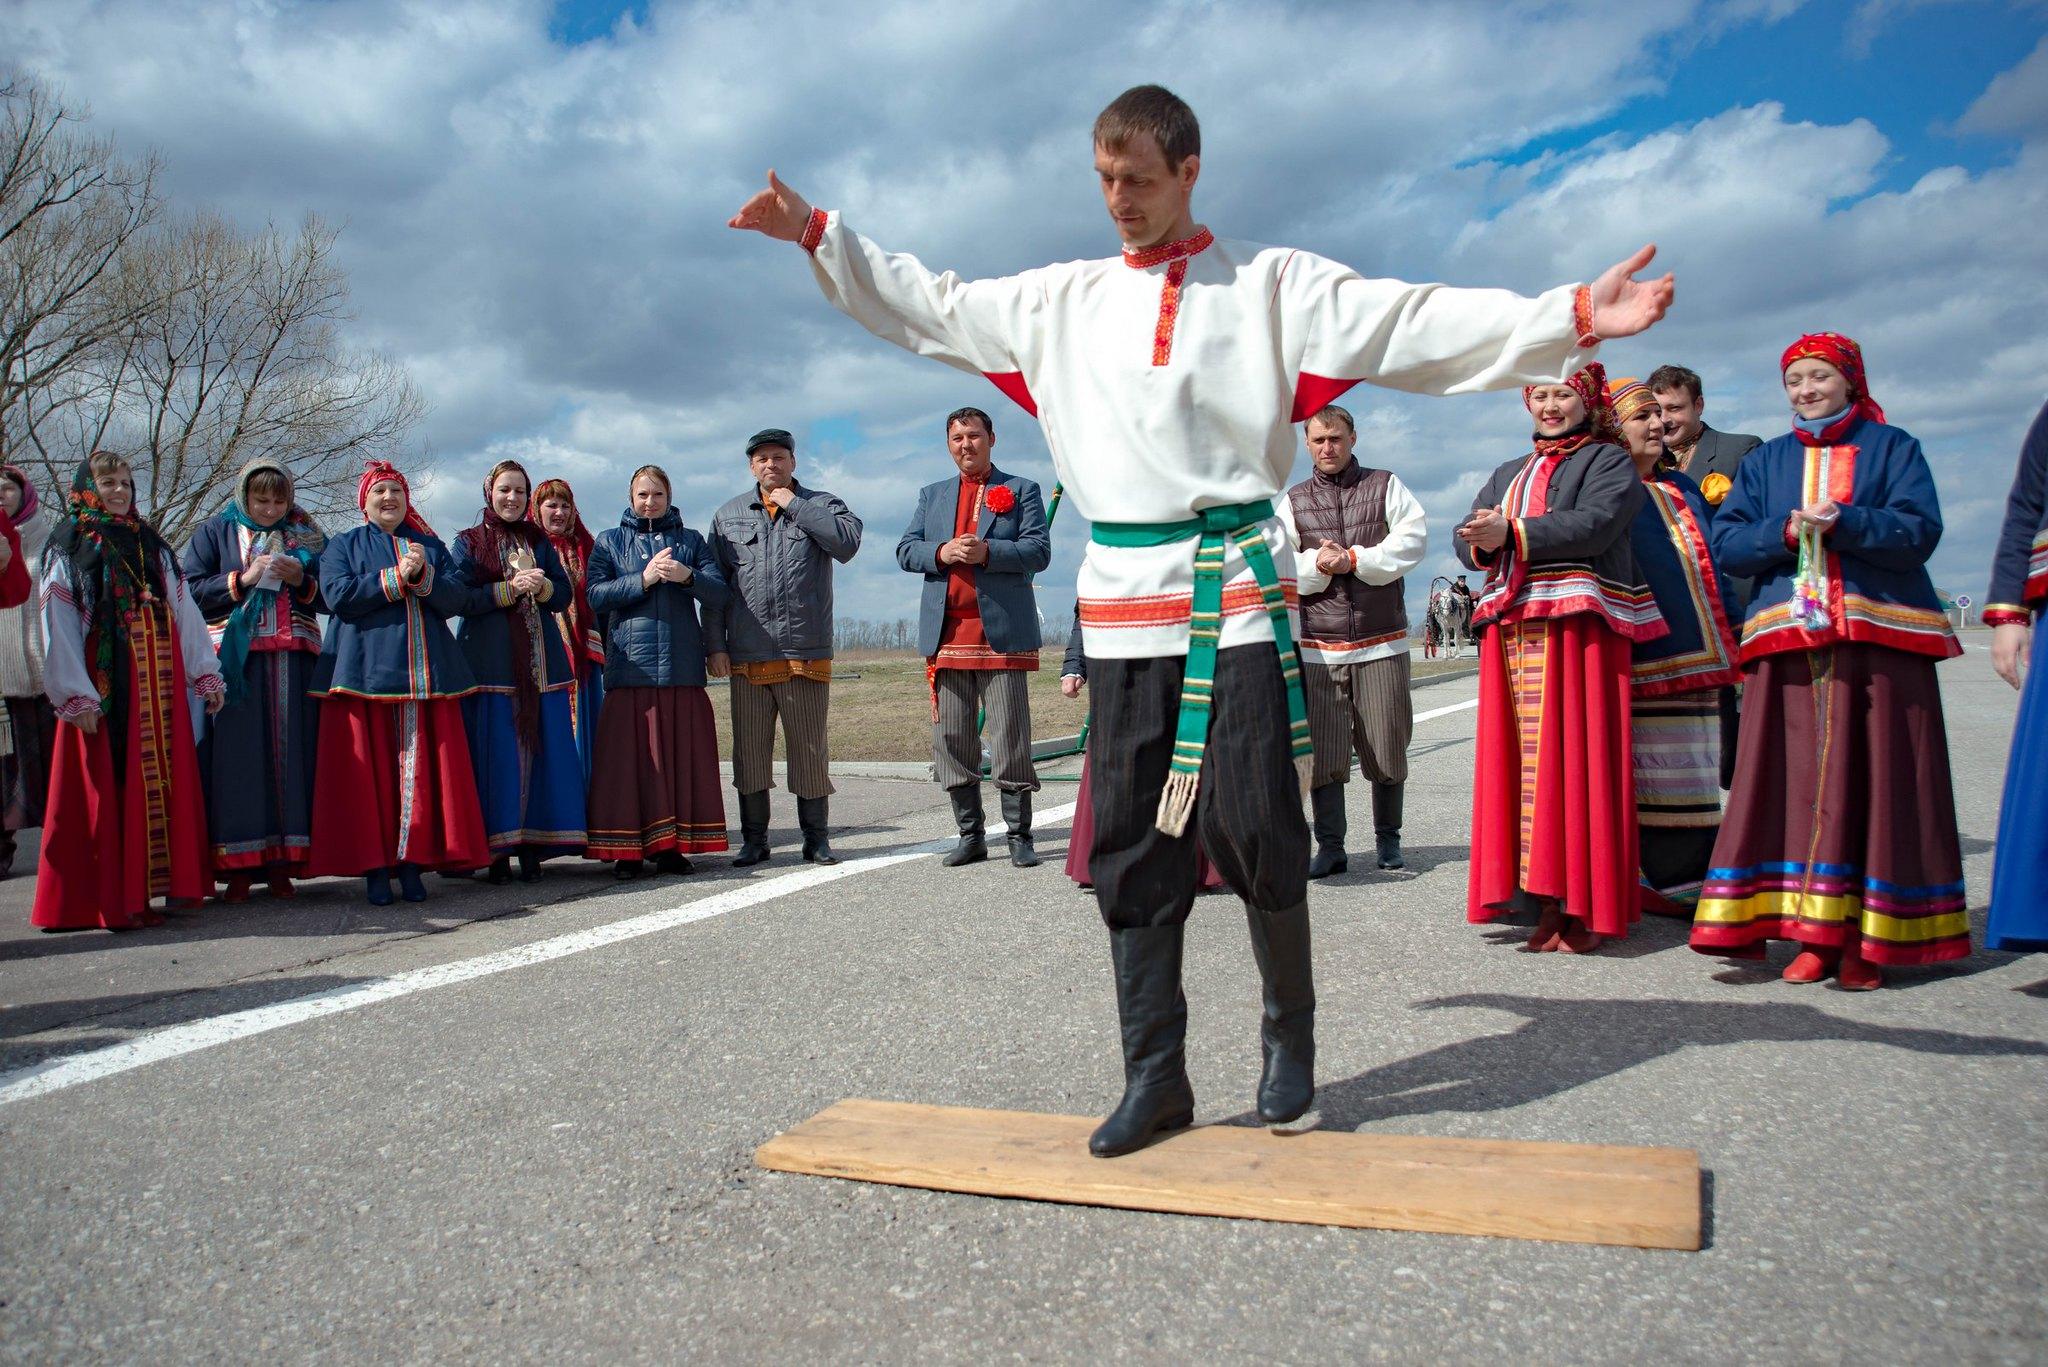 танец фольклорного коллектива музея для посетителей